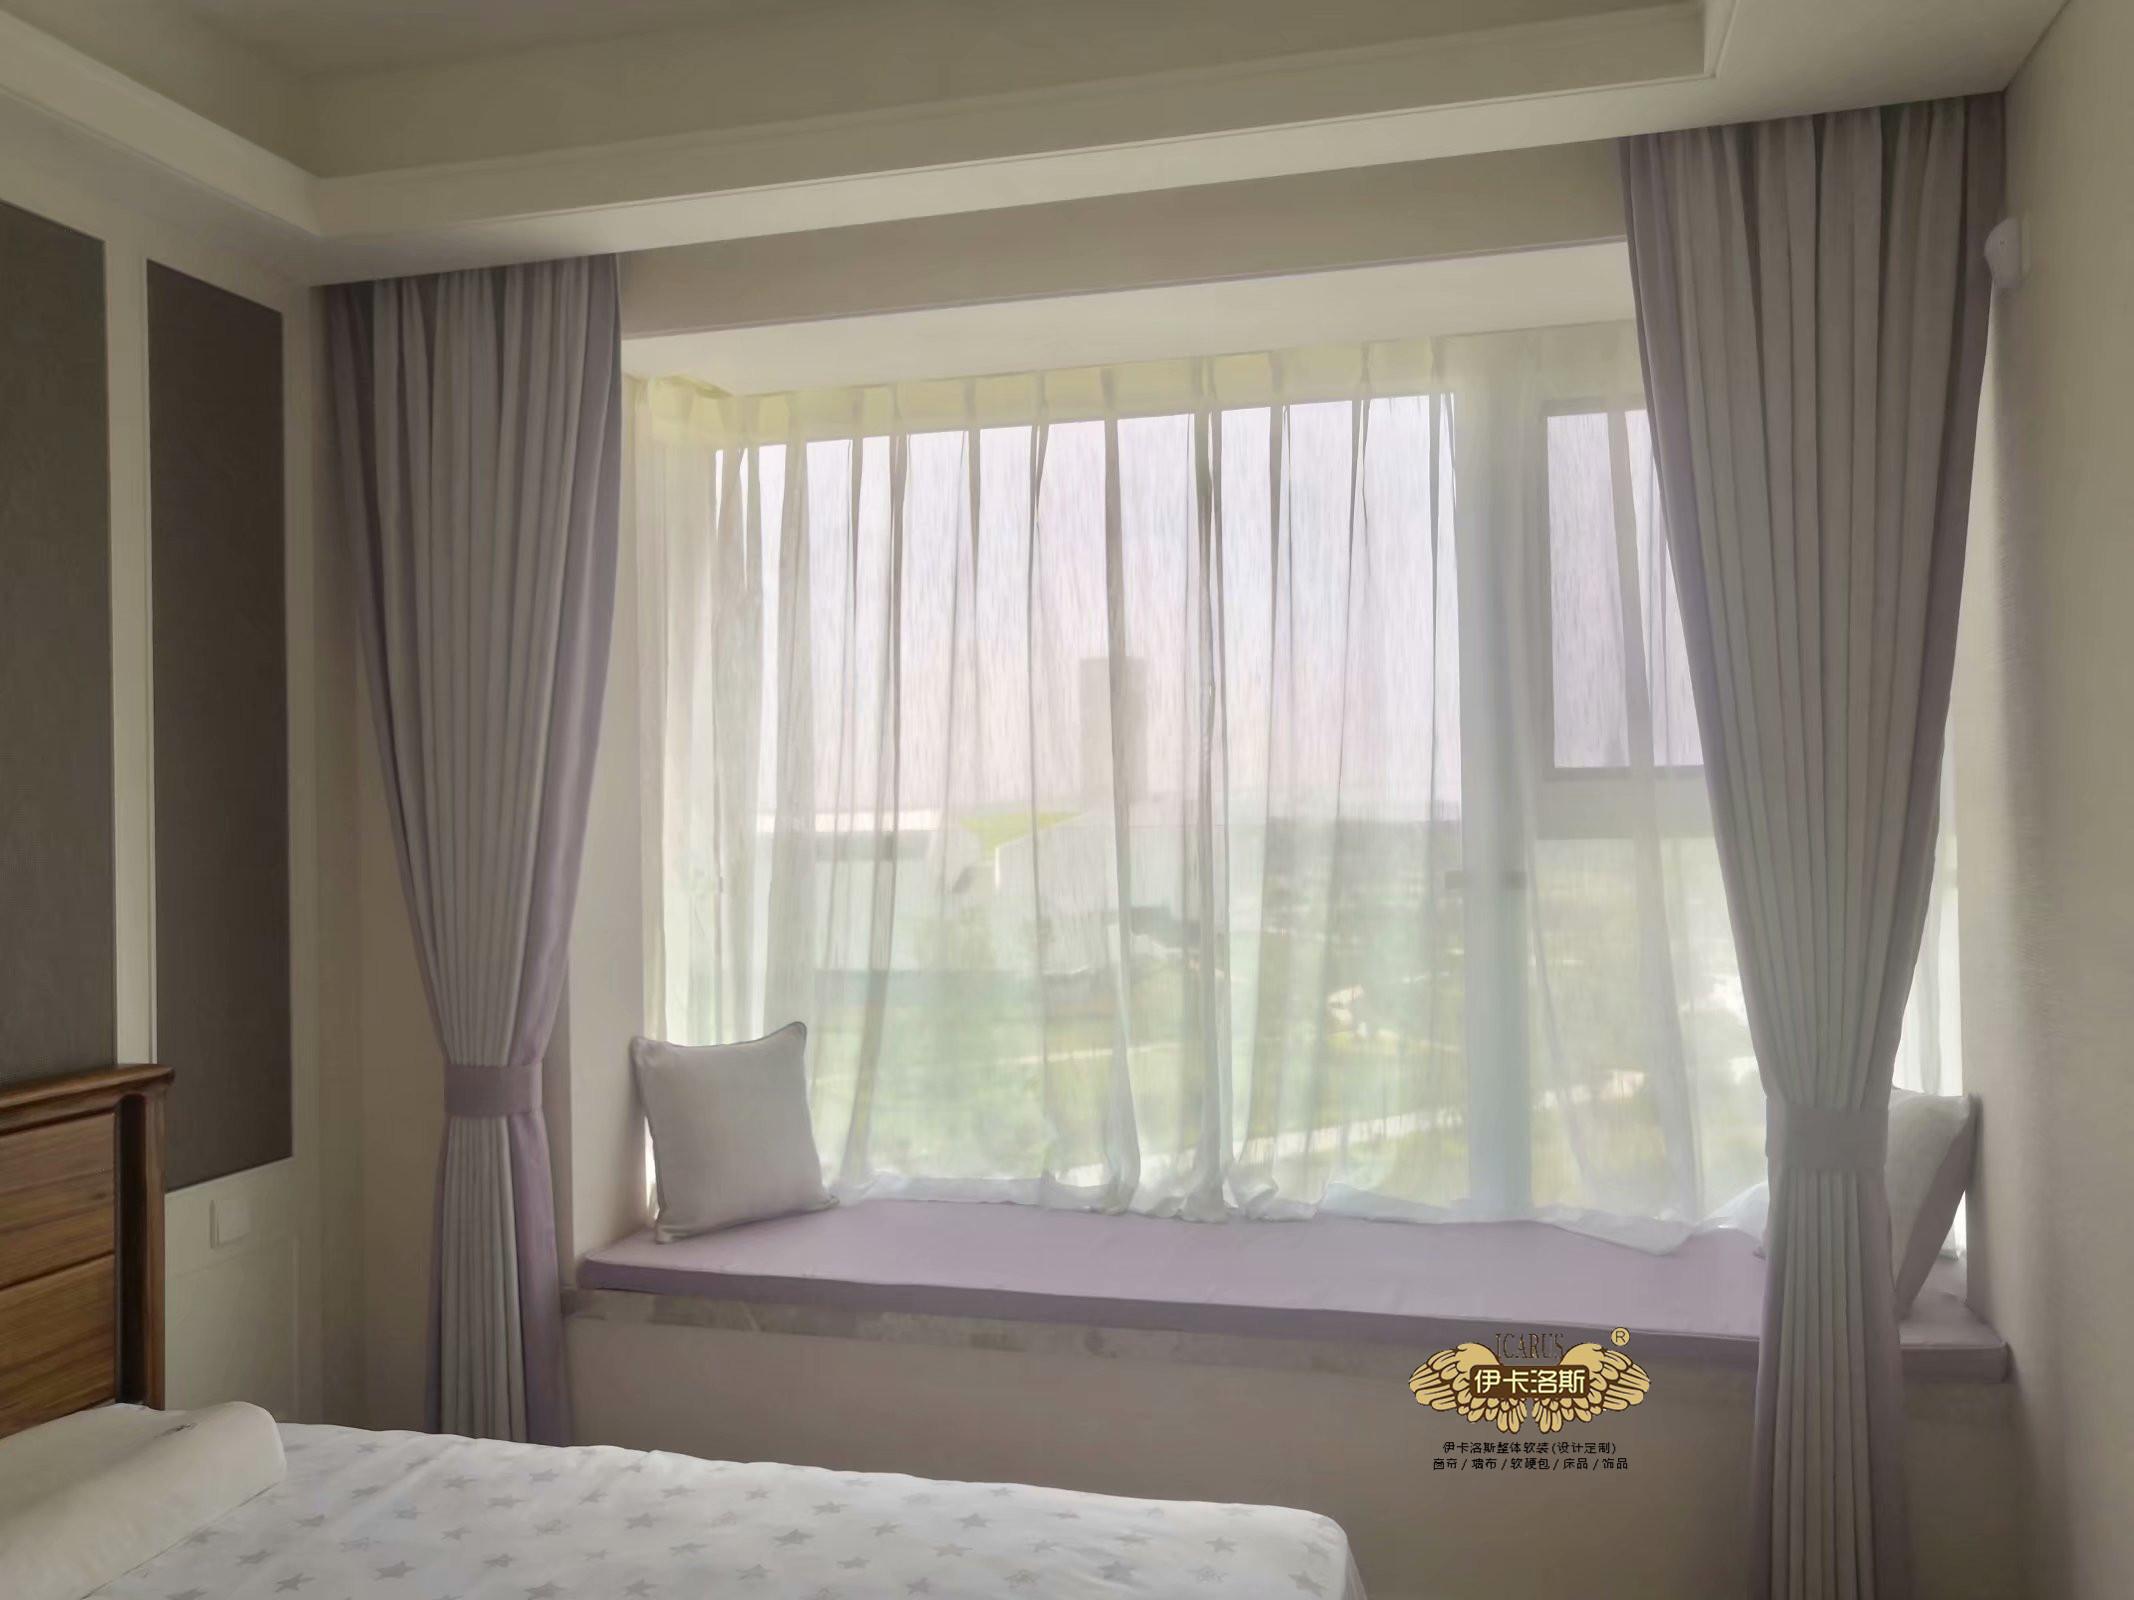 飘窗窗帘如何选择?飘窗窗帘特点大汇总